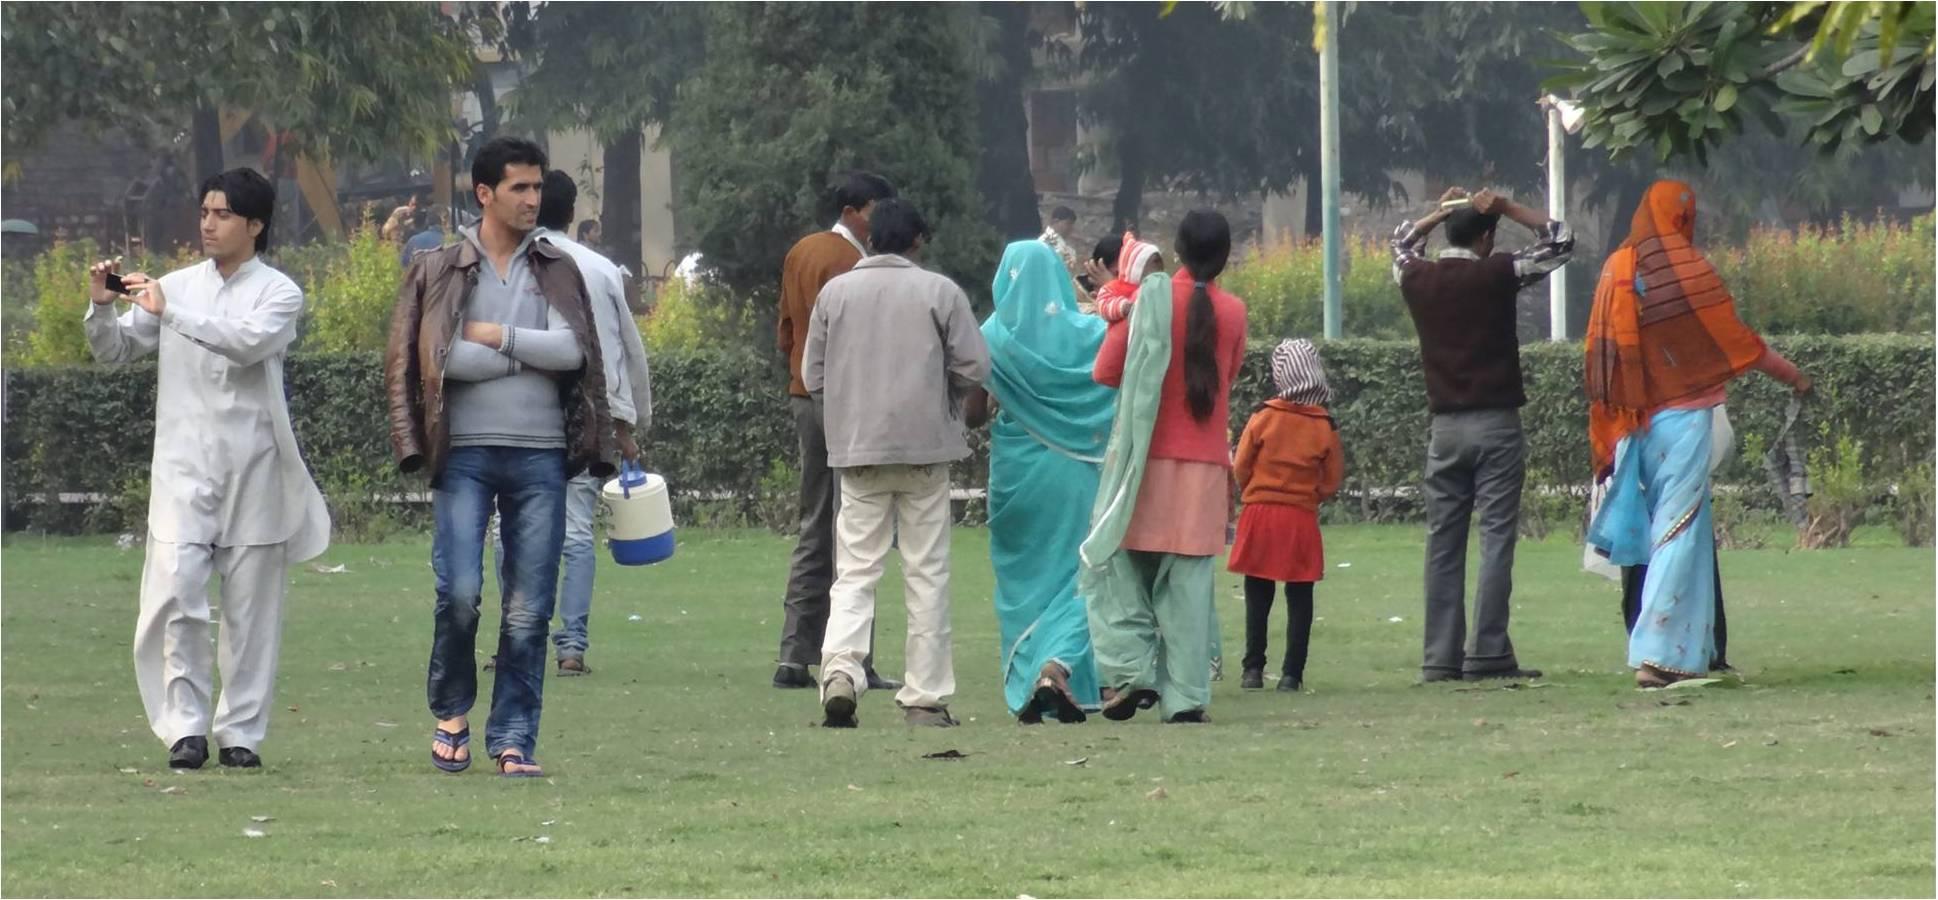 Le mariage indien: entre obligation et liberté